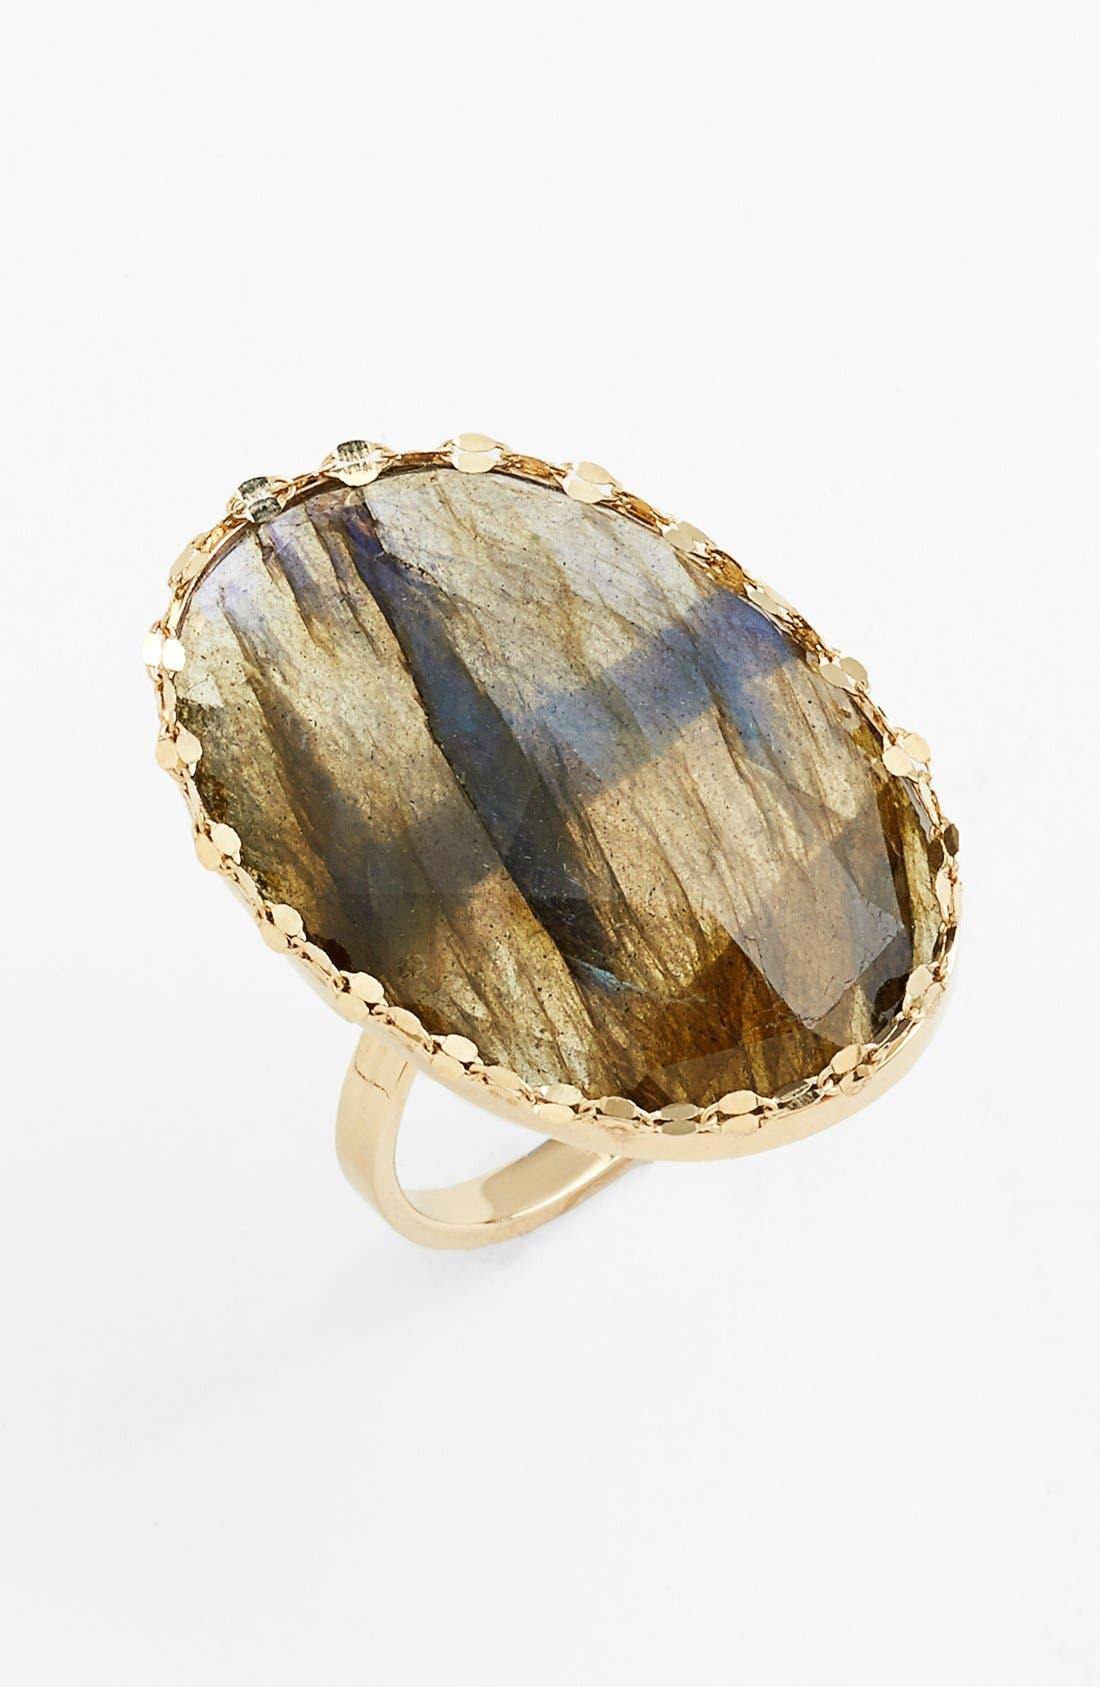 Main Image - Lana Jewelry 'Ultra' Small Labradorite Ring